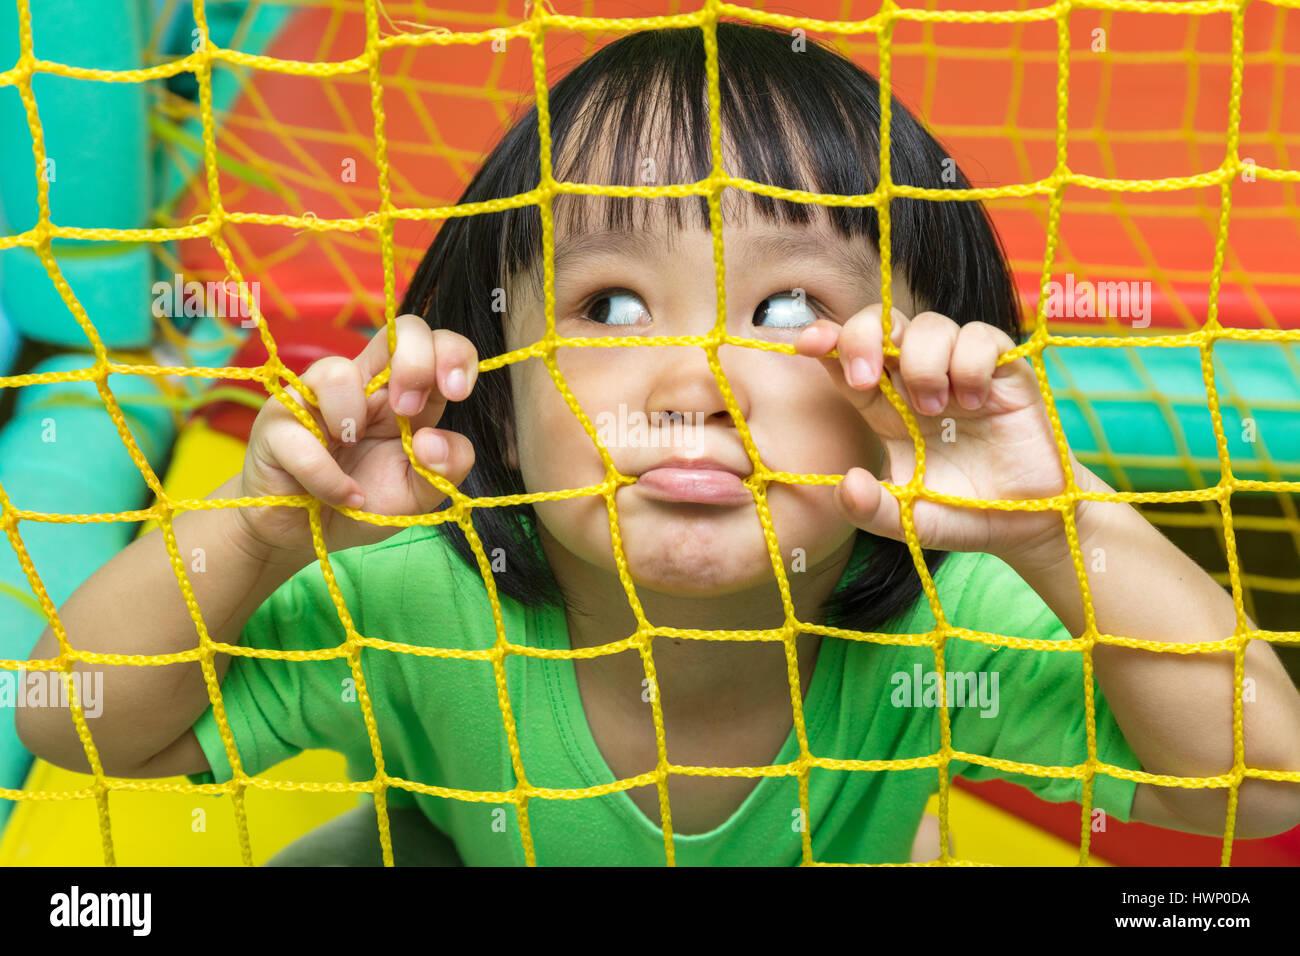 Glücklich asiatische chinesische Mädchen hinter dem Netz im indoor-Spielplatz spielen. Stockbild